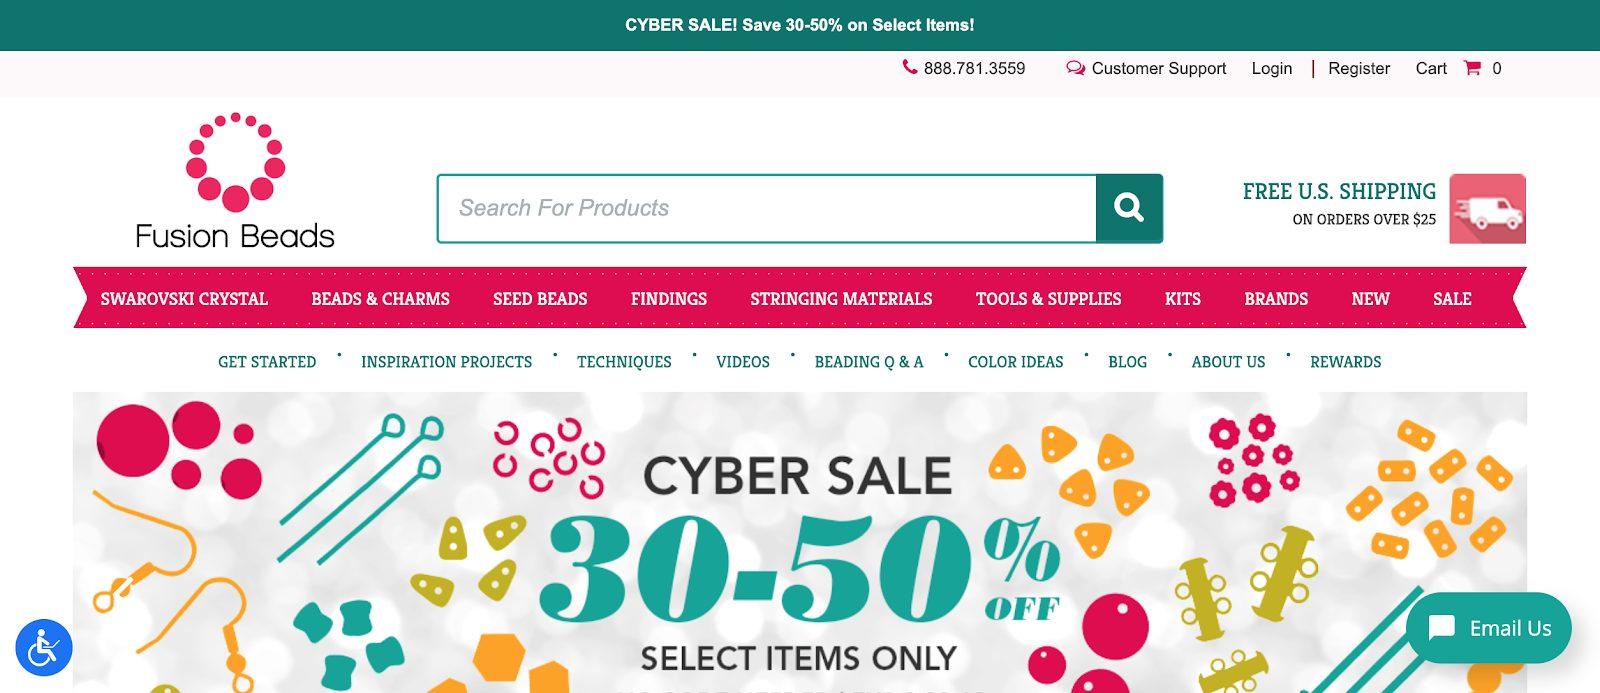 top suitecommerce merchandising features promo bar